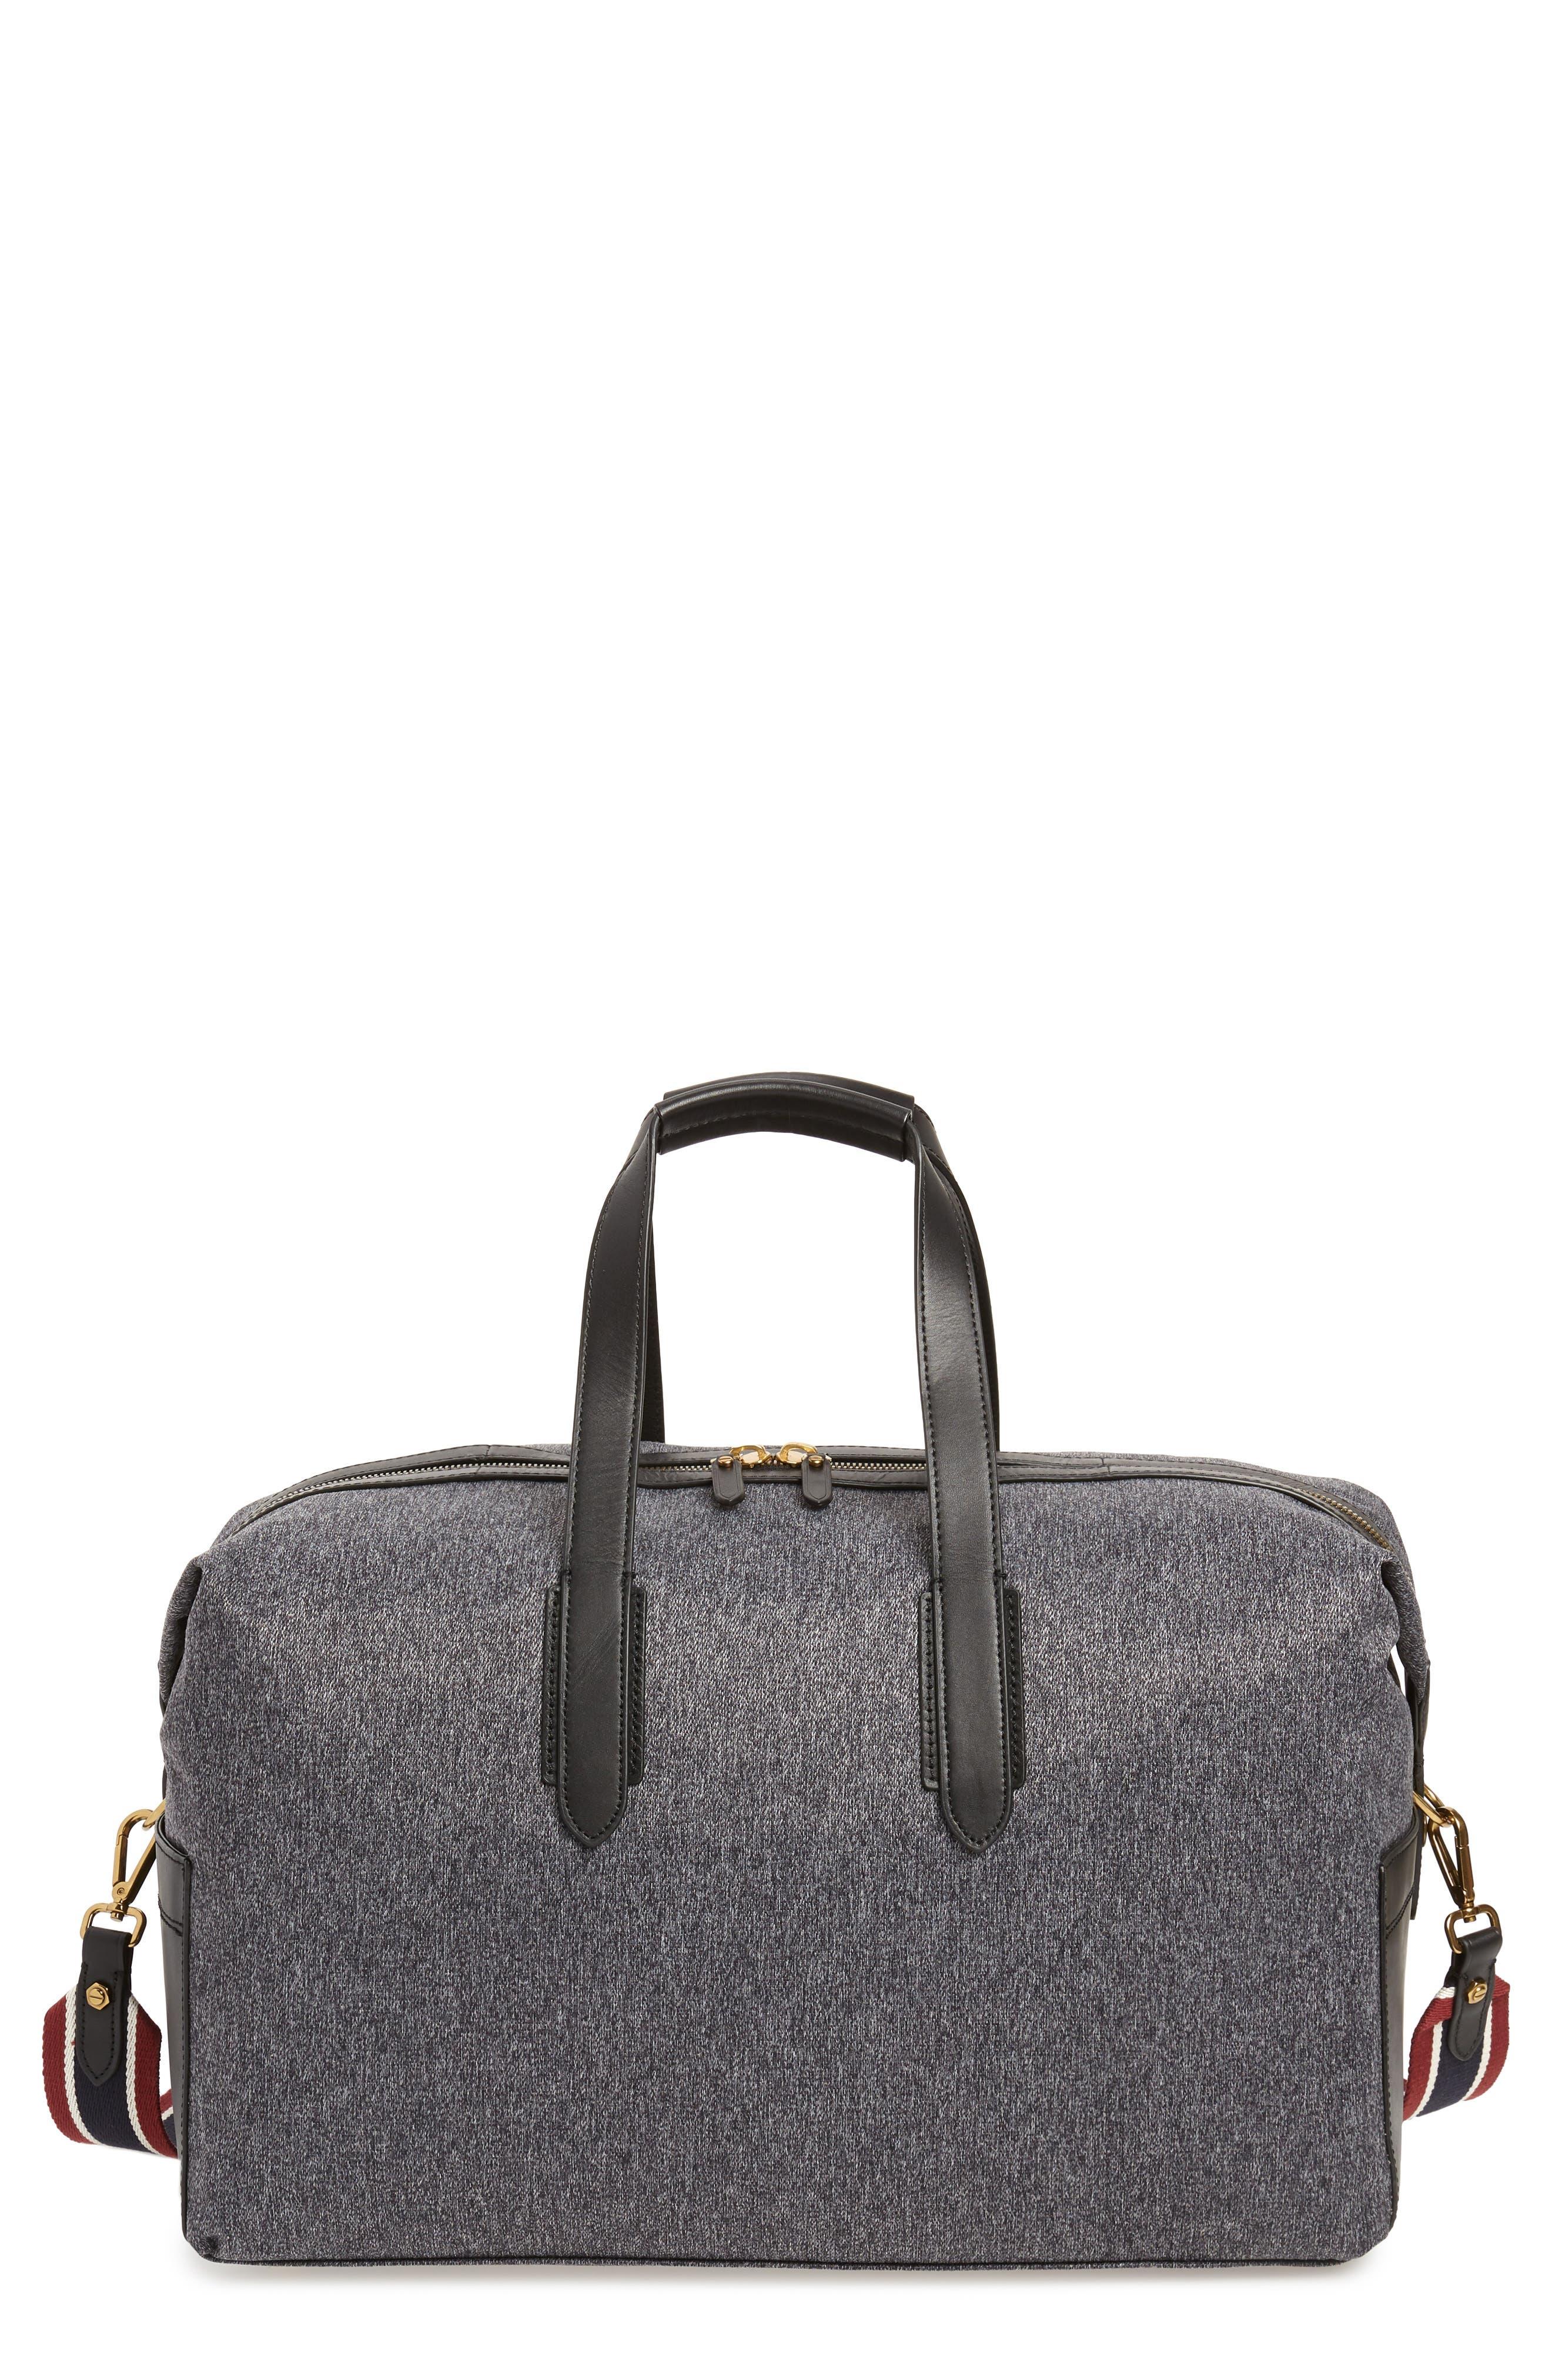 Oar Stripe Weekend Bag,                         Main,                         color, 001